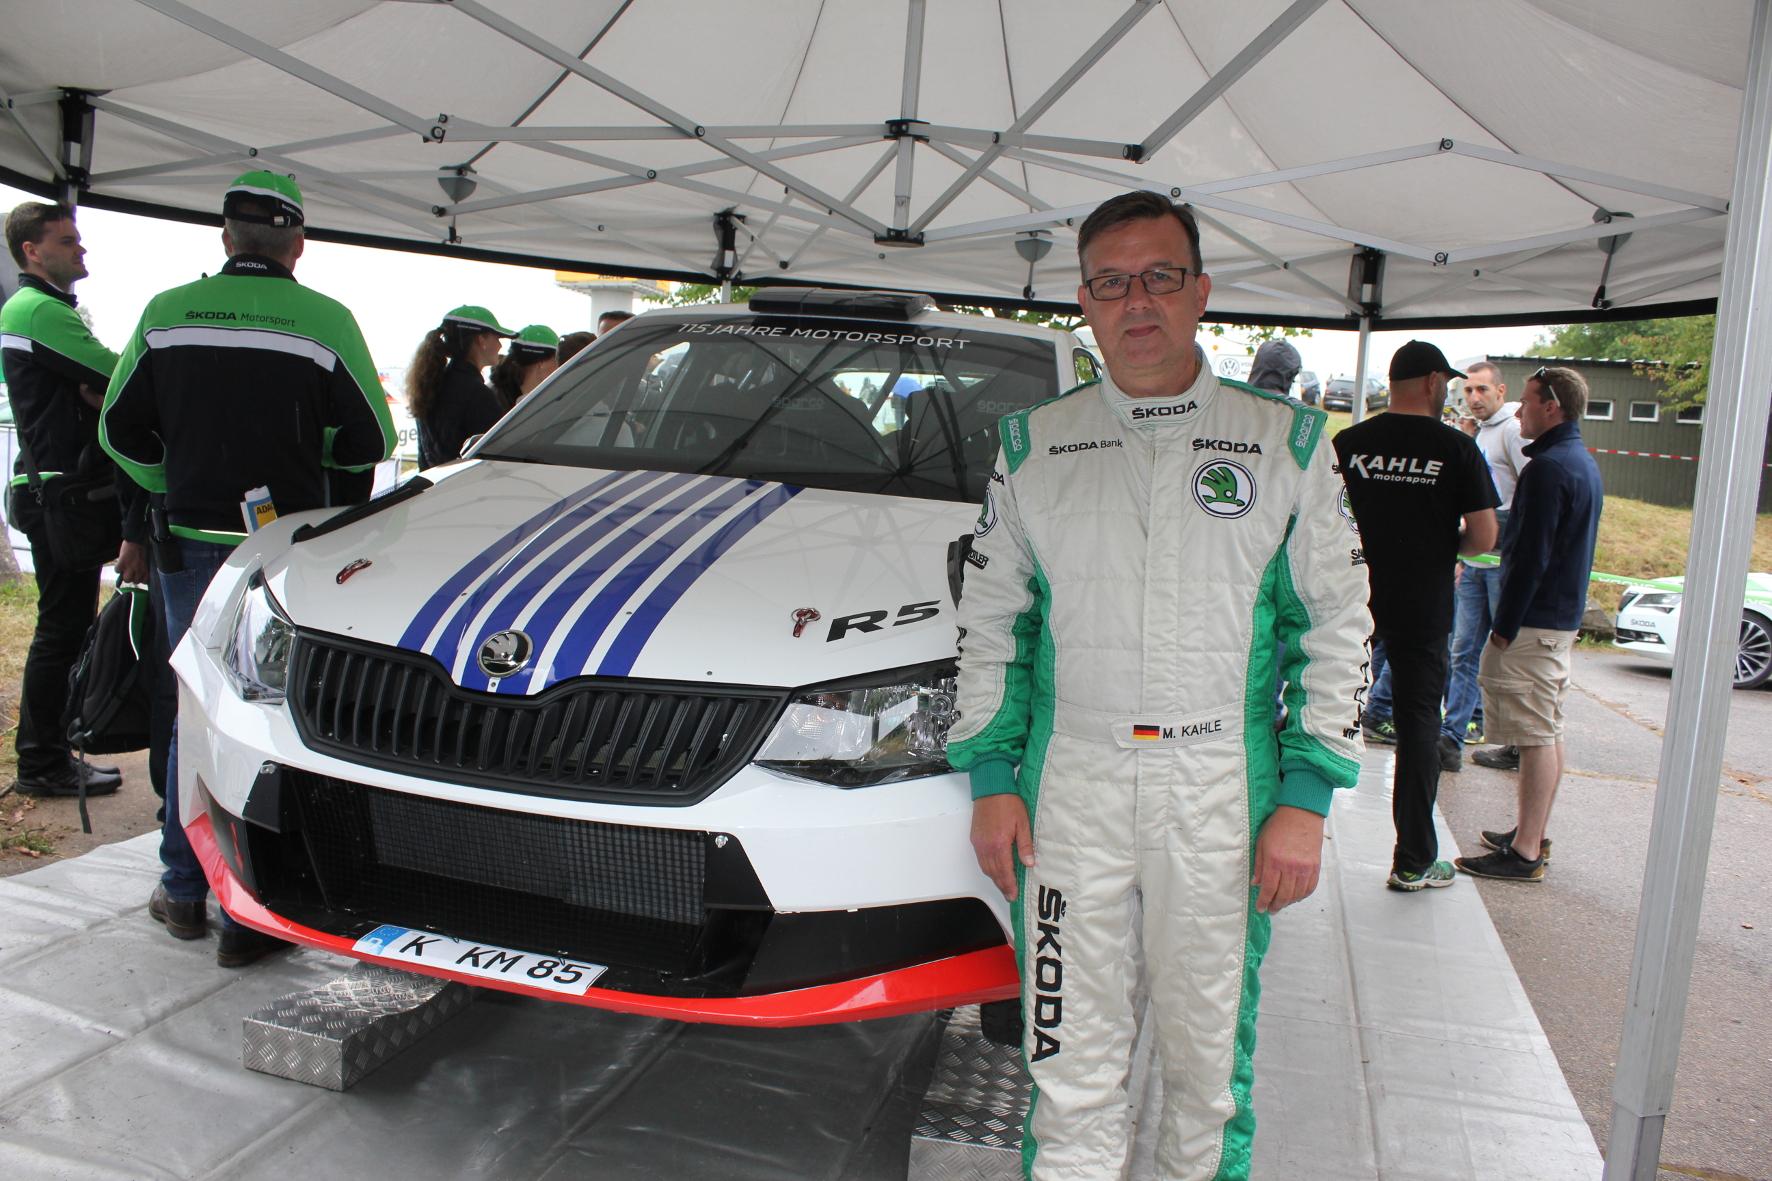 Der siebenmalige deutsche Rallymeister Mattias Kahle lässt im Rahmen der Wertungsprüfung